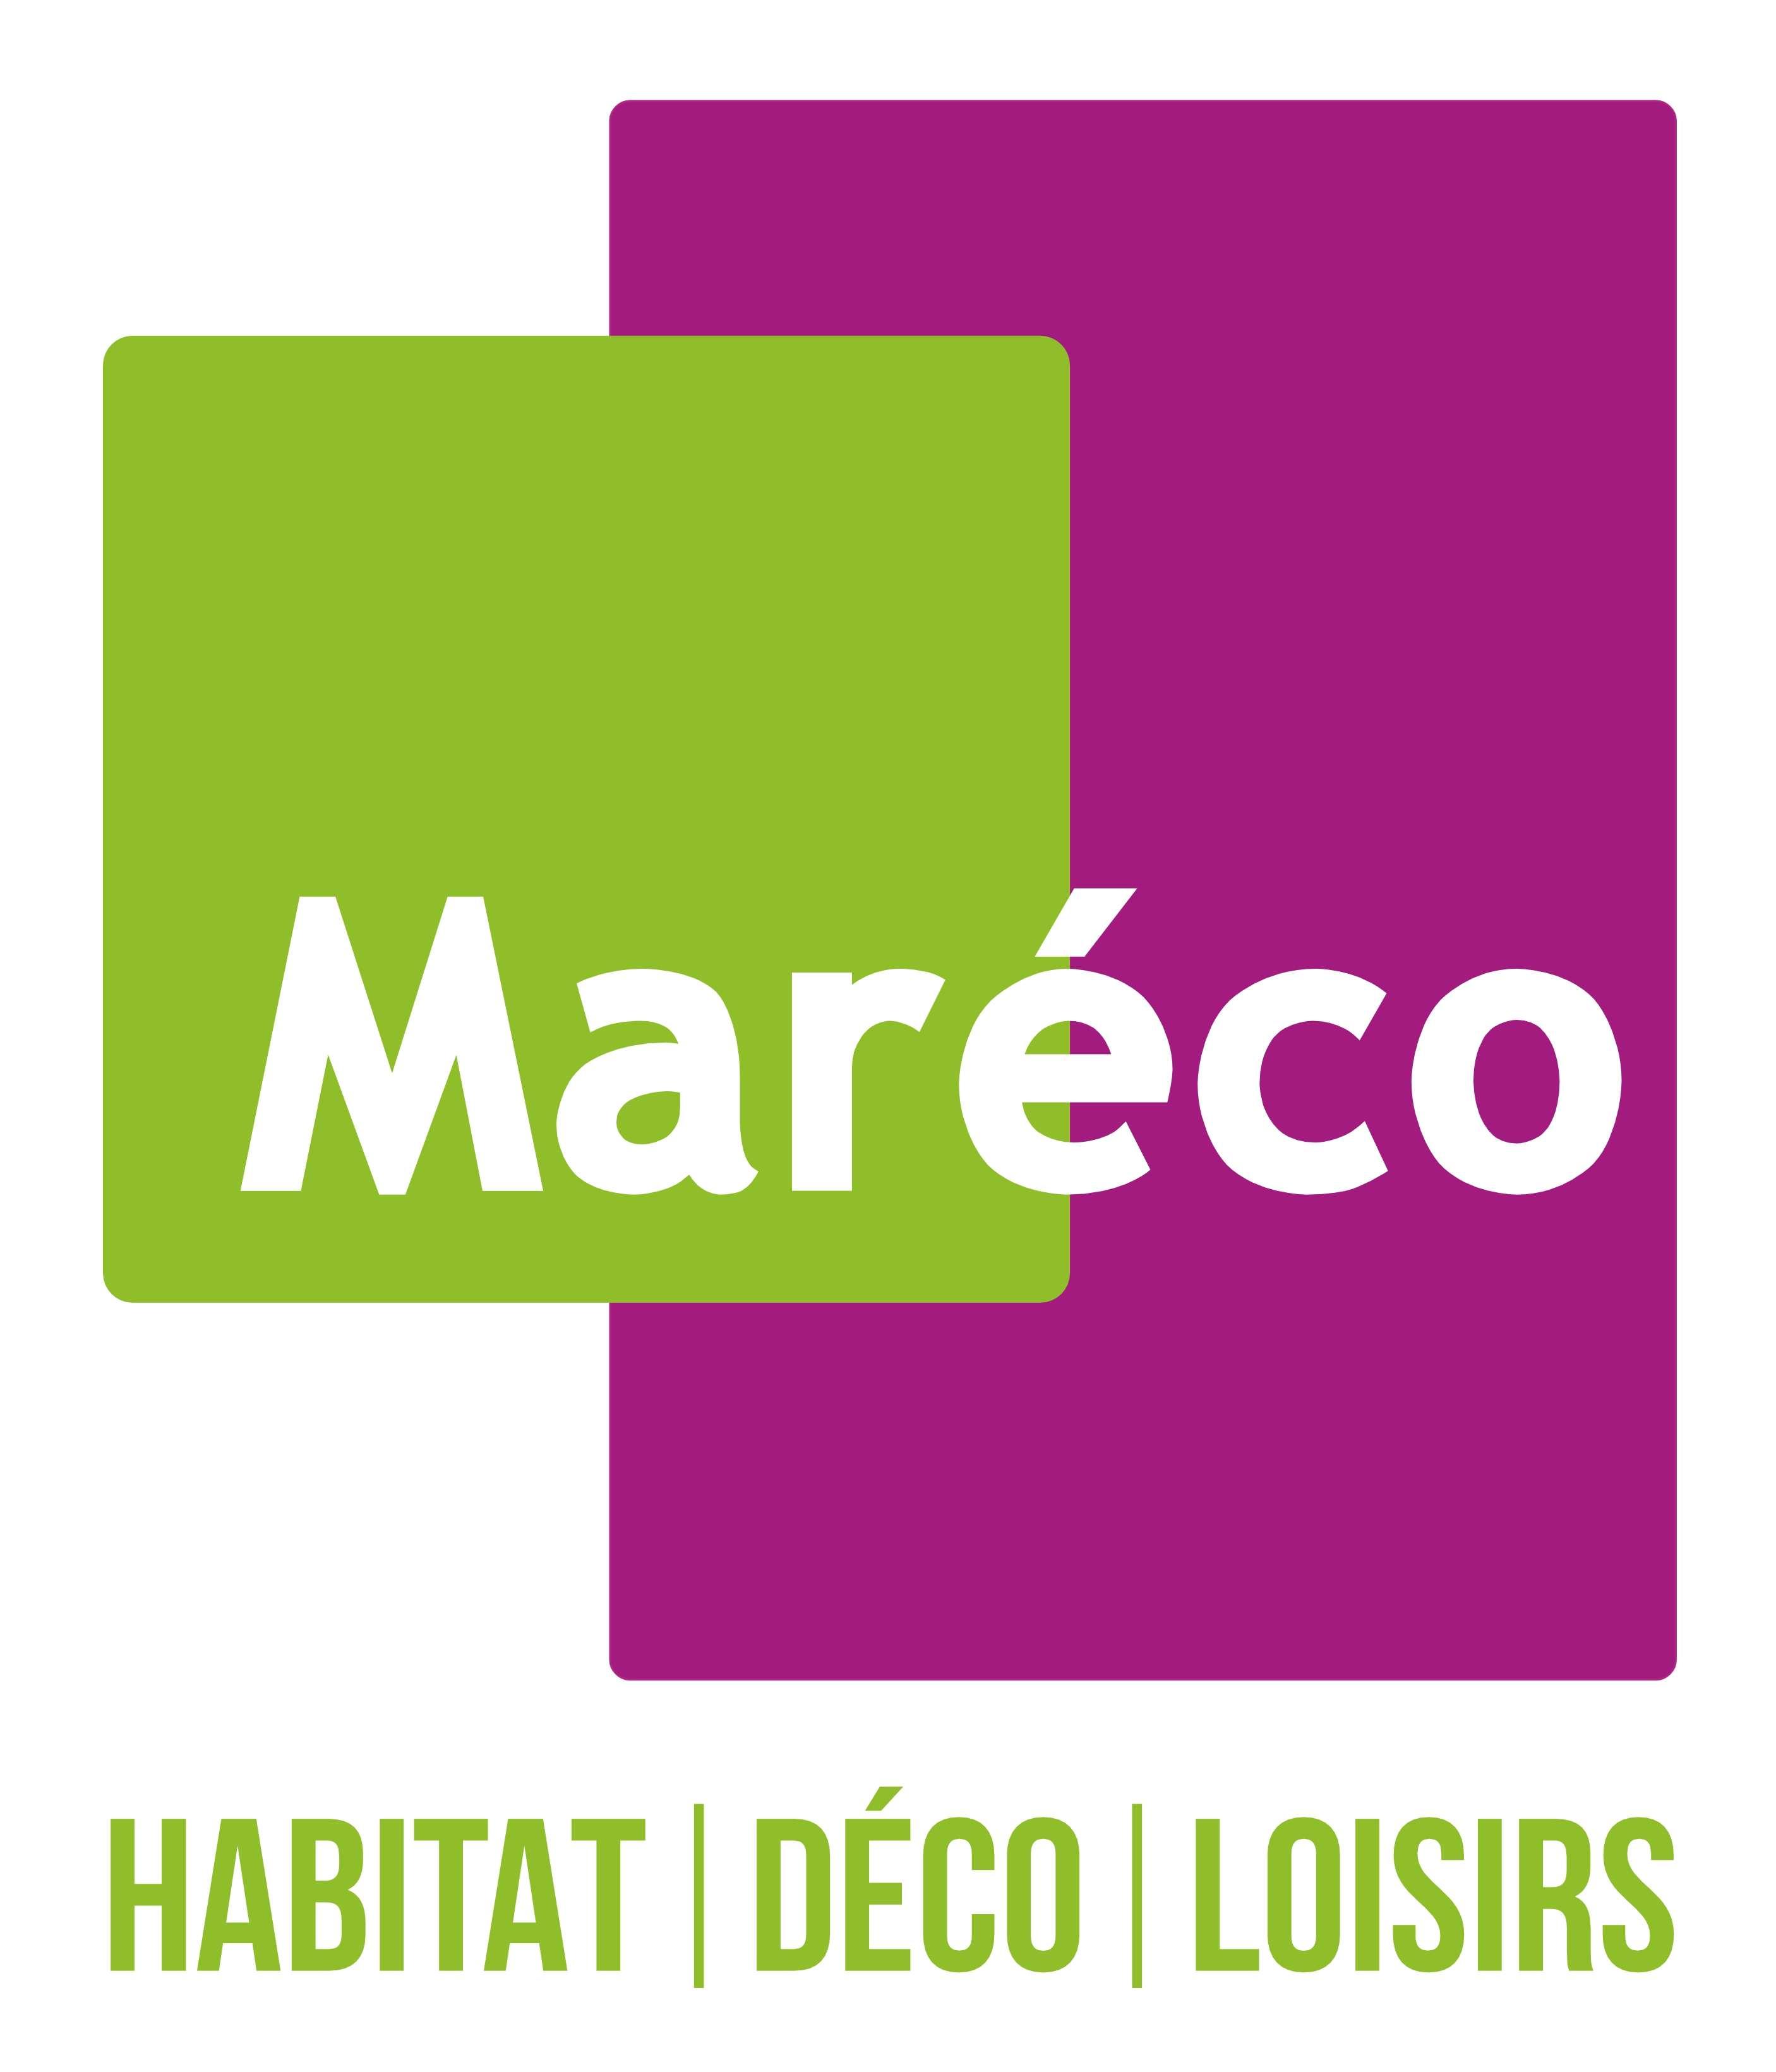 Maréco